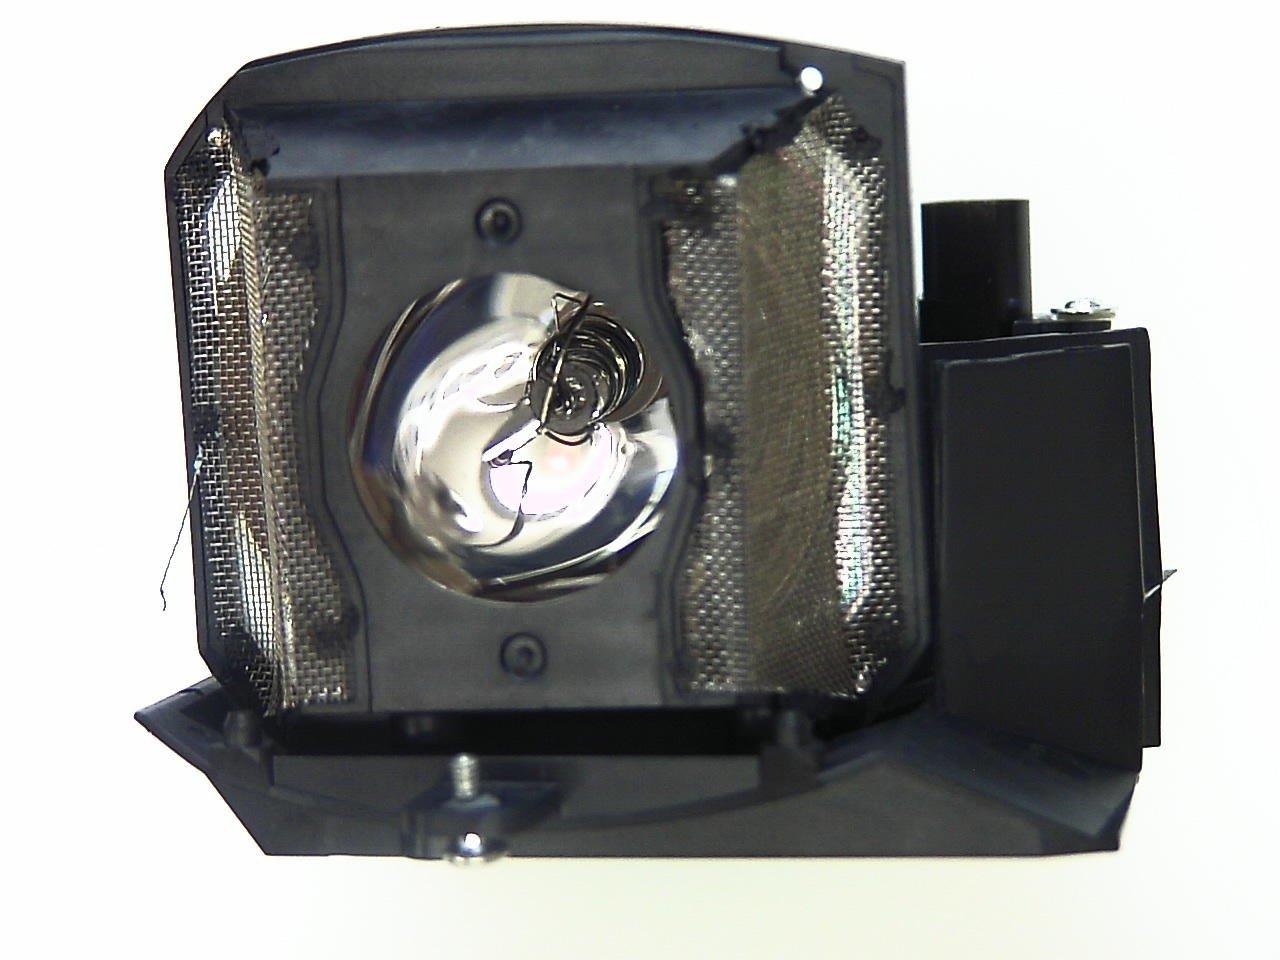 プラス U5-512Hプロジェクター用ダイヤモンドランプ ウシオ電球内蔵 B0085DCIEA